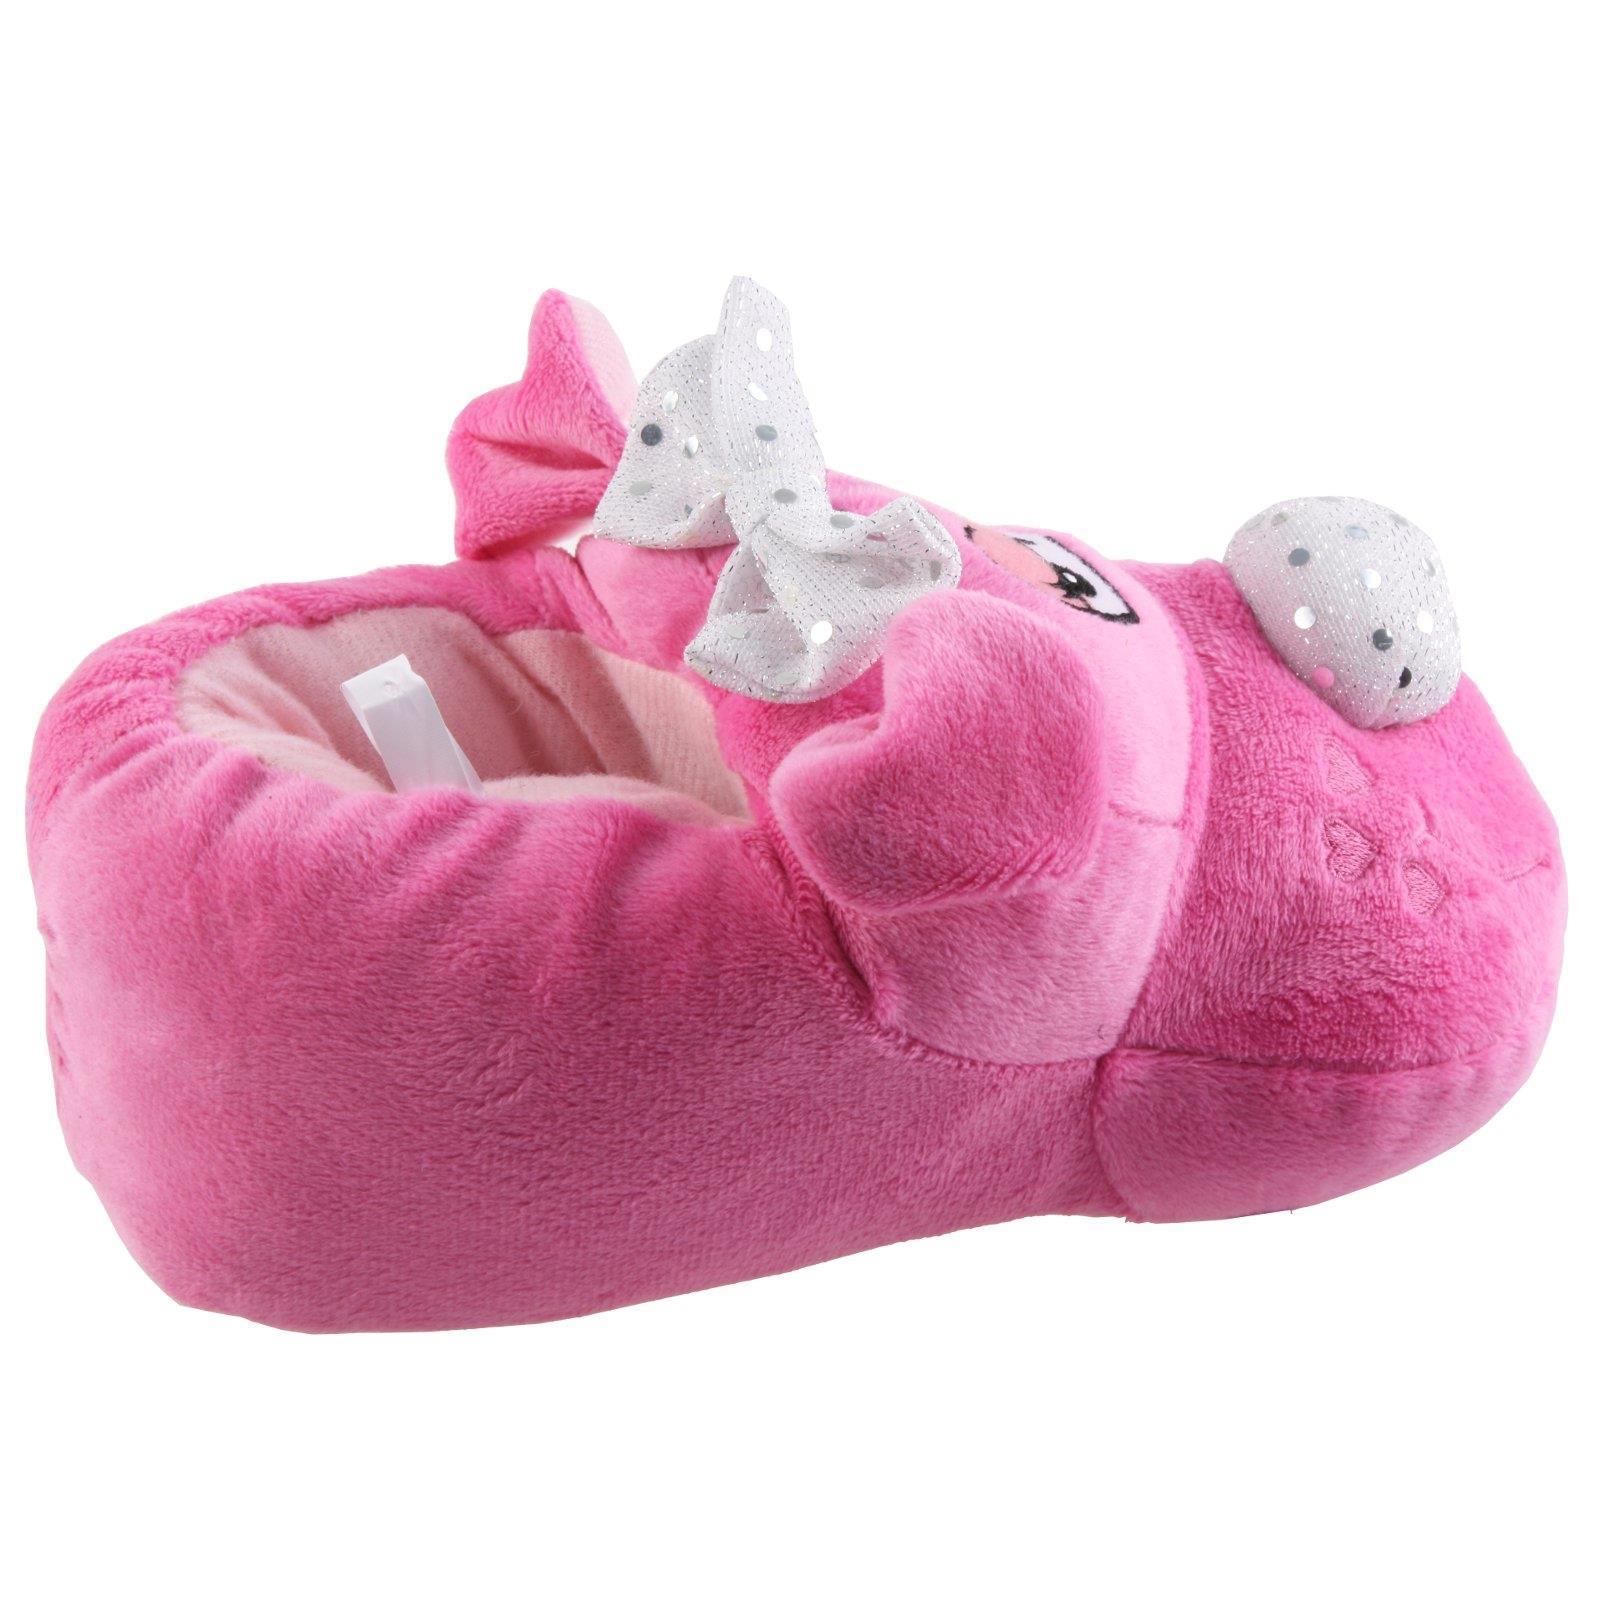 Details zu Hund mit Schleifchen Tier Hausschuhe Pantoffel Schlappen Mädchen Pink 27 41